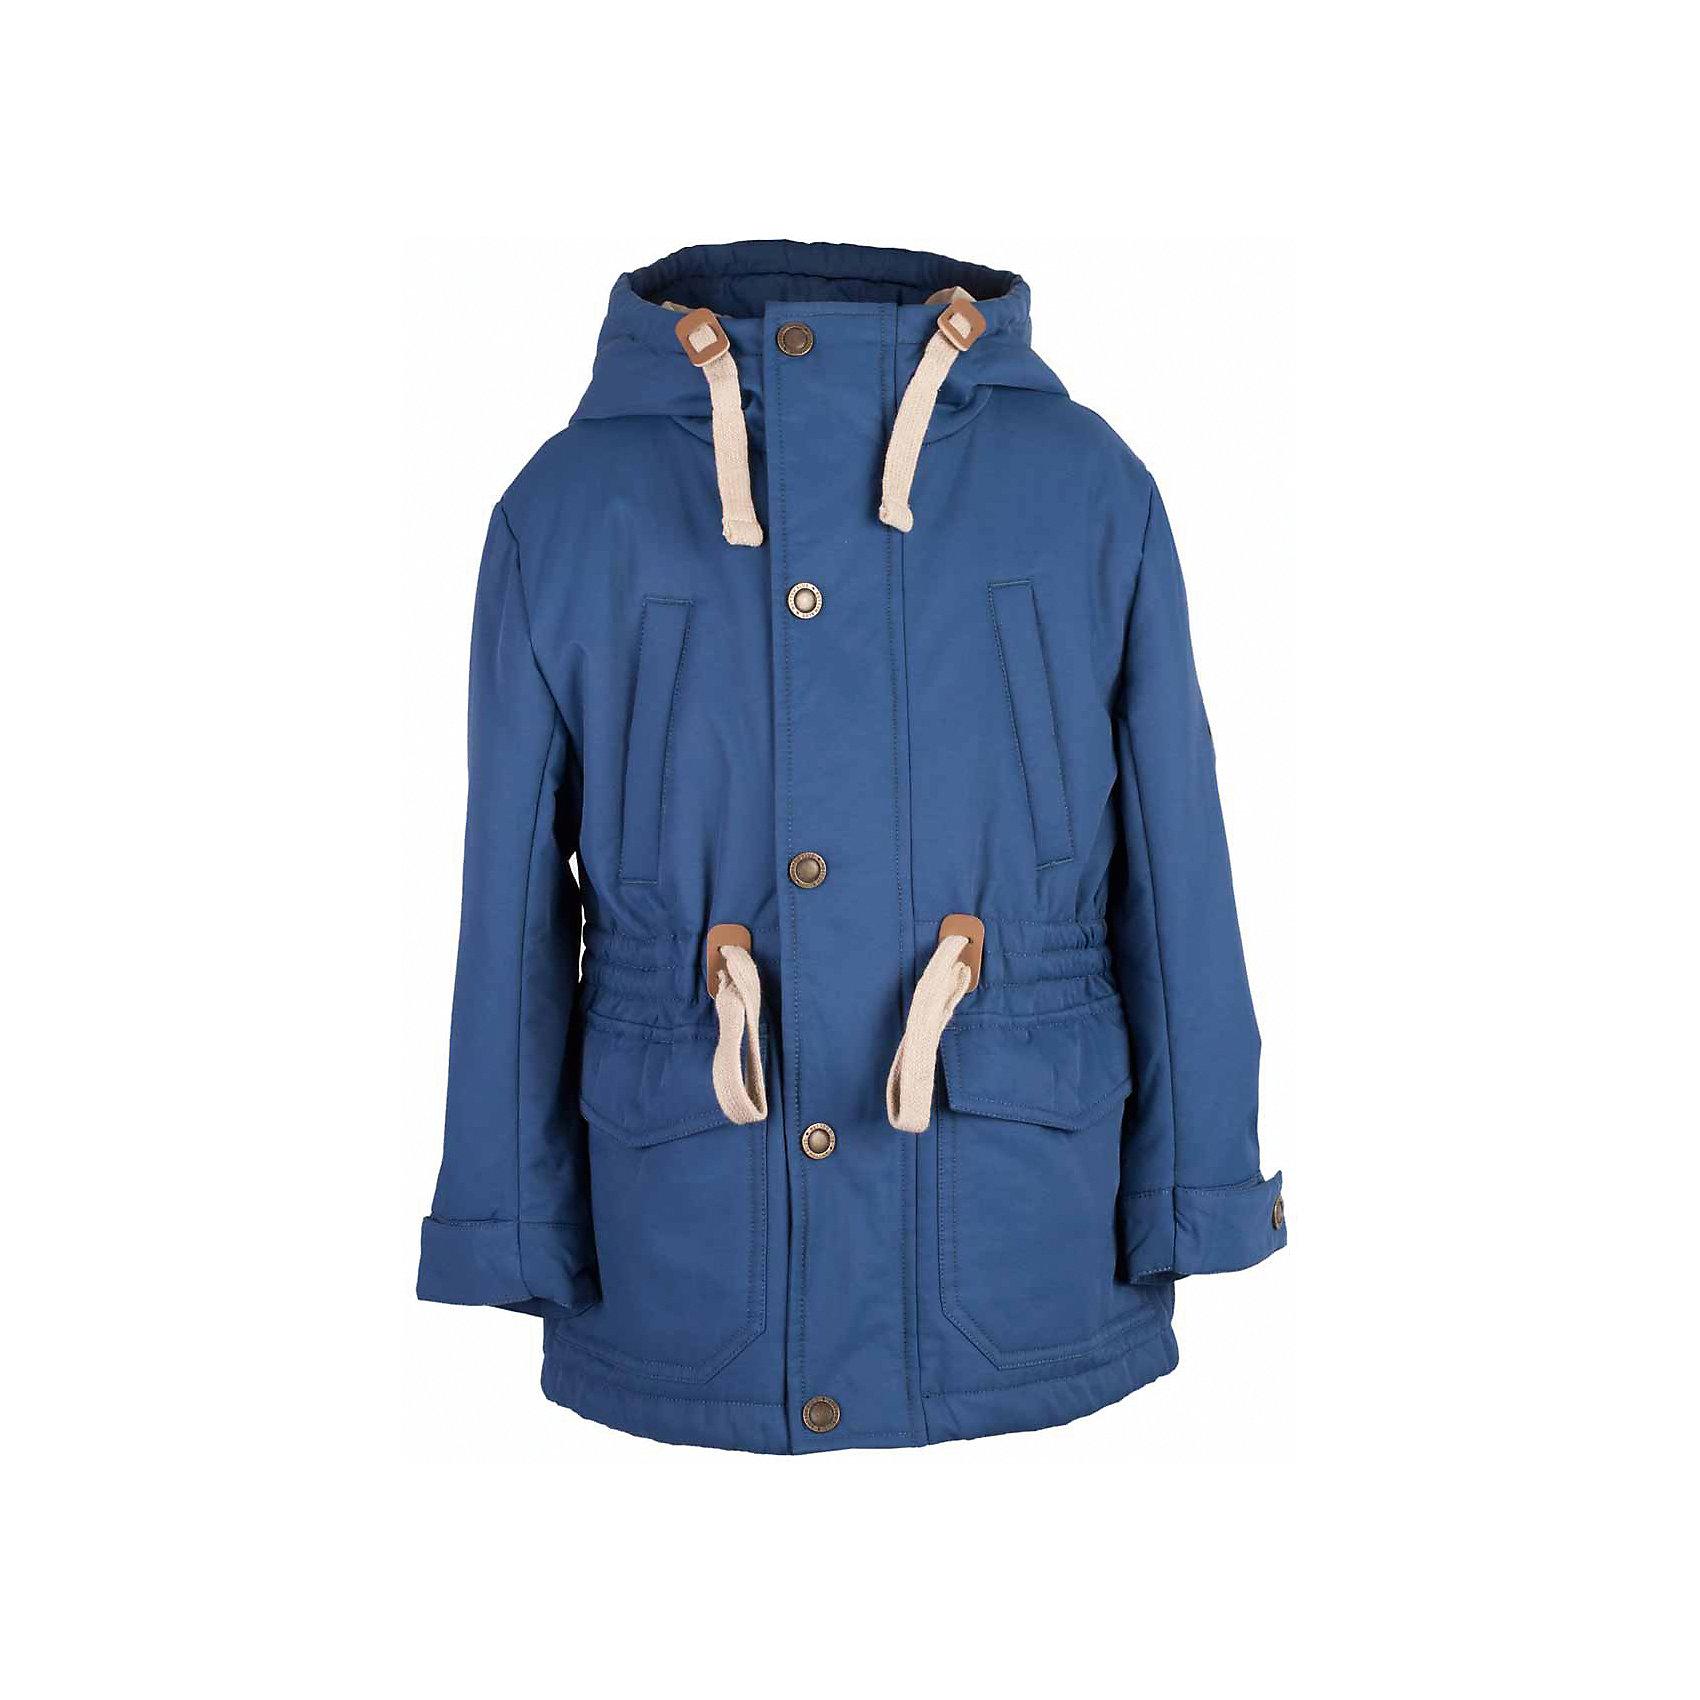 Полупальто для мальчика  BUTTON BLUEВерхняя одежда<br>Полупальто для мальчика  BUTTON BLUE<br>Удлиненная куртка, парка, полупальто…Независимо от того, как вы предпочитаете называть эту замечательную модель, она - важнейший атрибут весеннего практичного гардероба ребенка. Если вы хотите купить удлиненную куртку для мальчика недорого, не сомневаясь в ее комфорте, качестве, высоких потребительских свойствах и прекрасном внешнем виде, синяя куртка от Button Blue - то, что нужно!<br>Состав:<br>Ткань  верха: 60%хлопок 40%нейлон, подклад: 100% полиэстер, утепл.: 100% полиэстер<br><br>Ширина мм: 356<br>Глубина мм: 10<br>Высота мм: 245<br>Вес г: 519<br>Цвет: синий<br>Возраст от месяцев: 144<br>Возраст до месяцев: 156<br>Пол: Мужской<br>Возраст: Детский<br>Размер: 158,98,104,110,116,122,128,134,140,146,152<br>SKU: 5524563